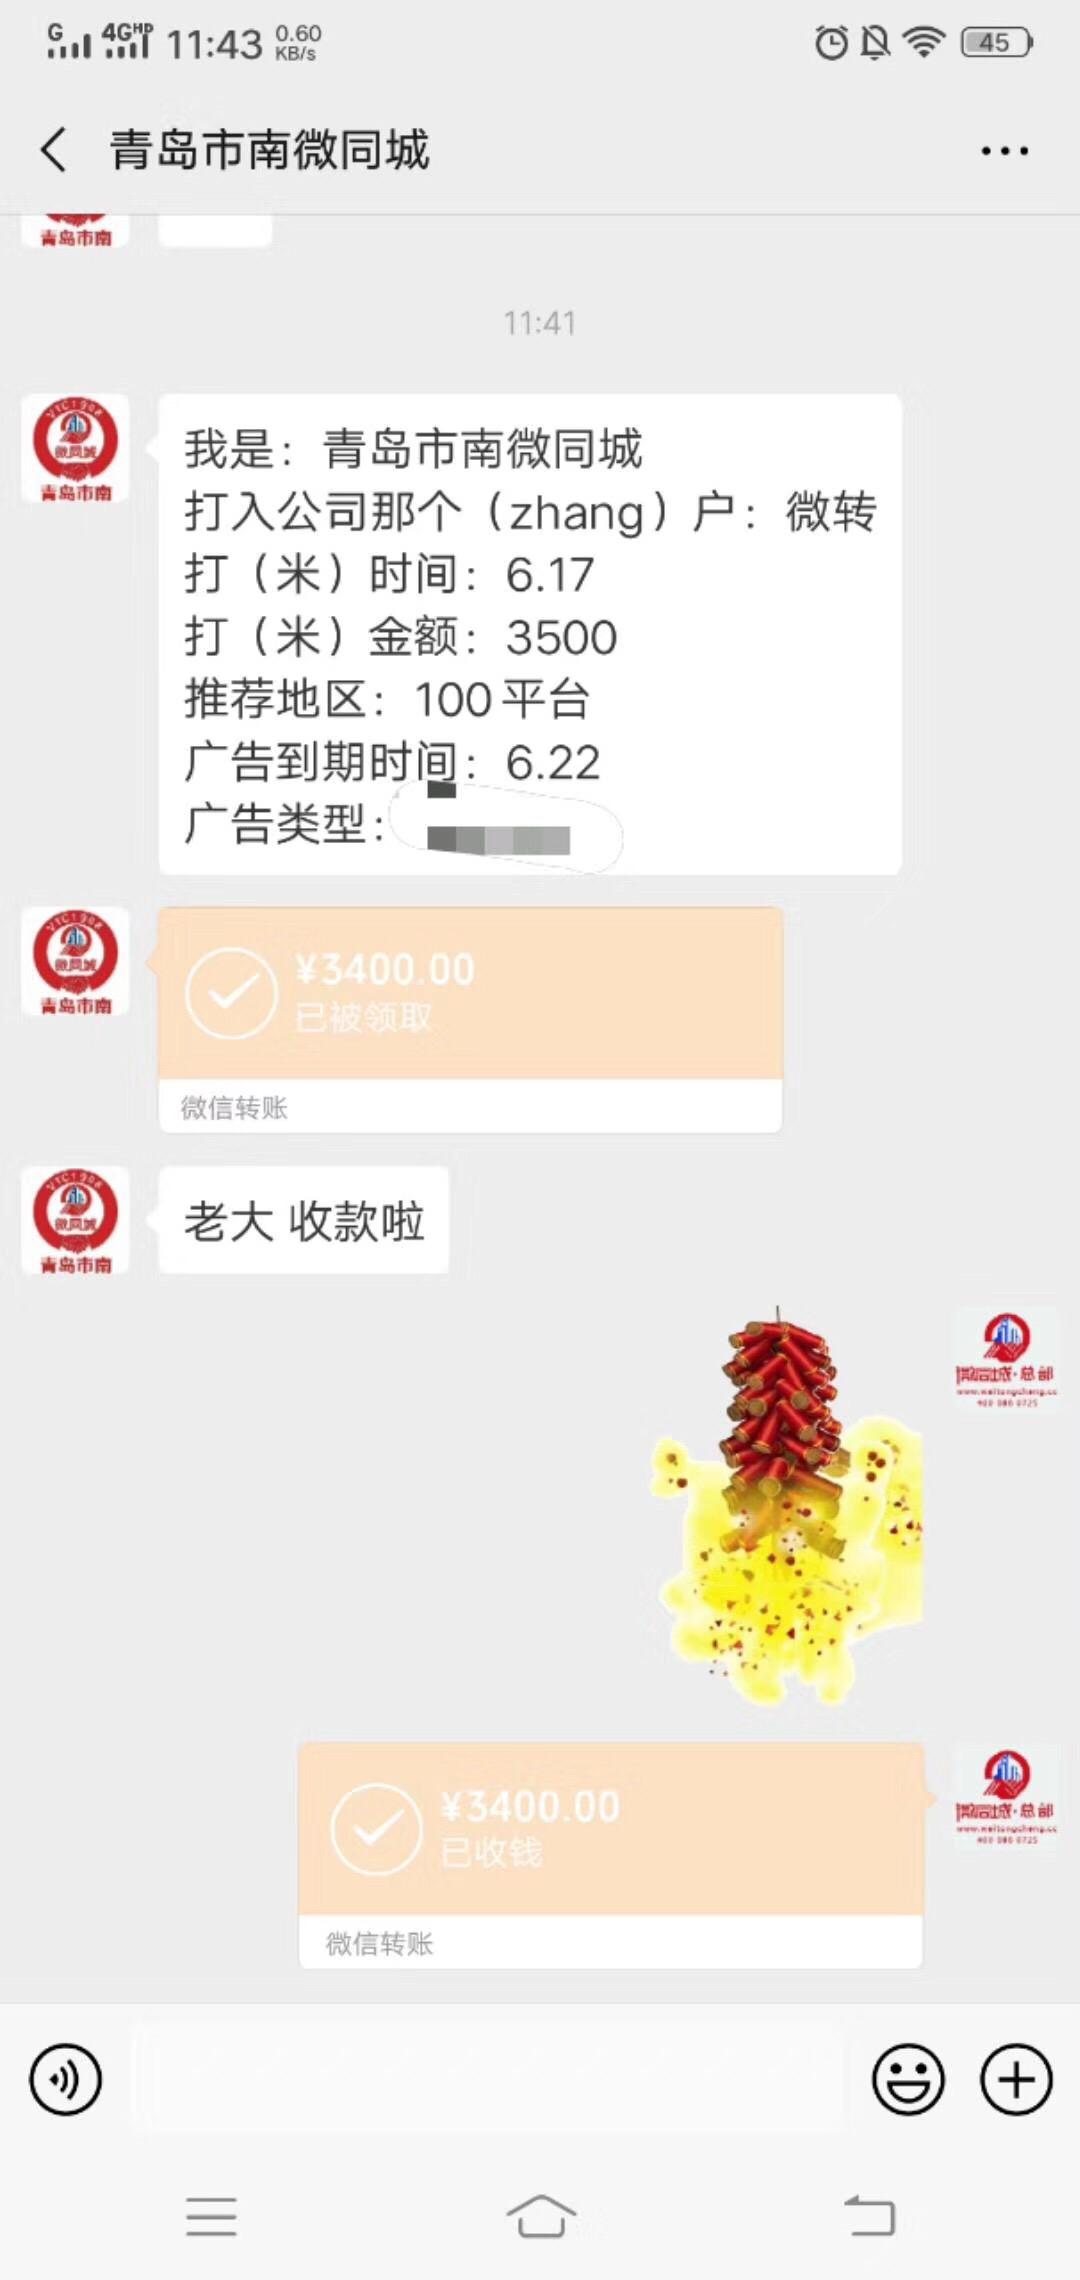 【又一商家推广100个平台】祝贺青岛市南微全城微帮